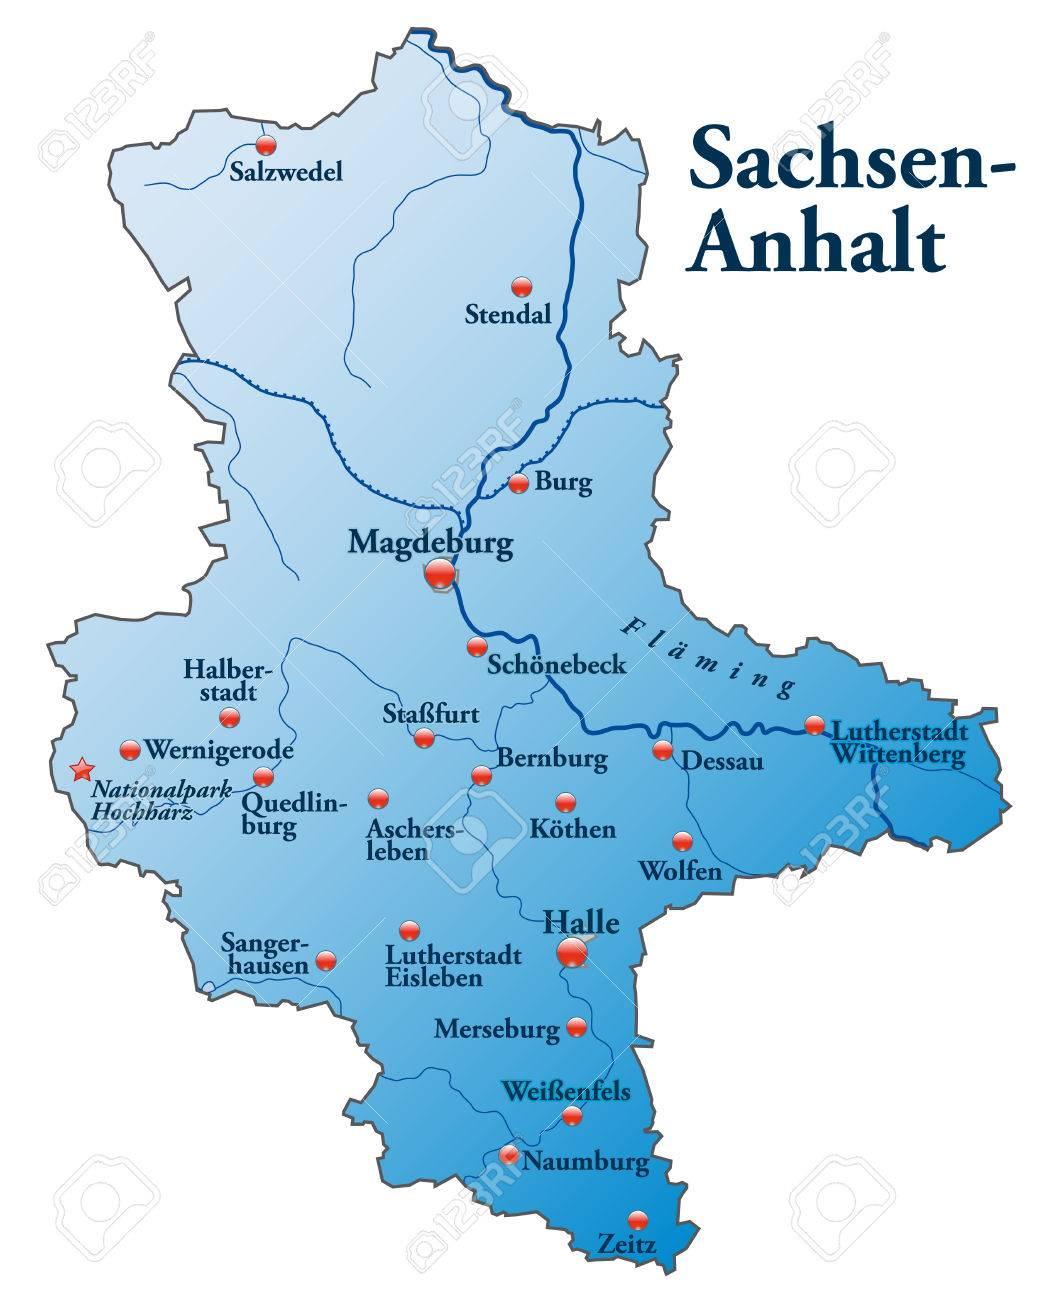 karte sachsen anhalt Karte Von Sachsen Anhalt Als Übersichtskarte In Blau Lizenzfrei